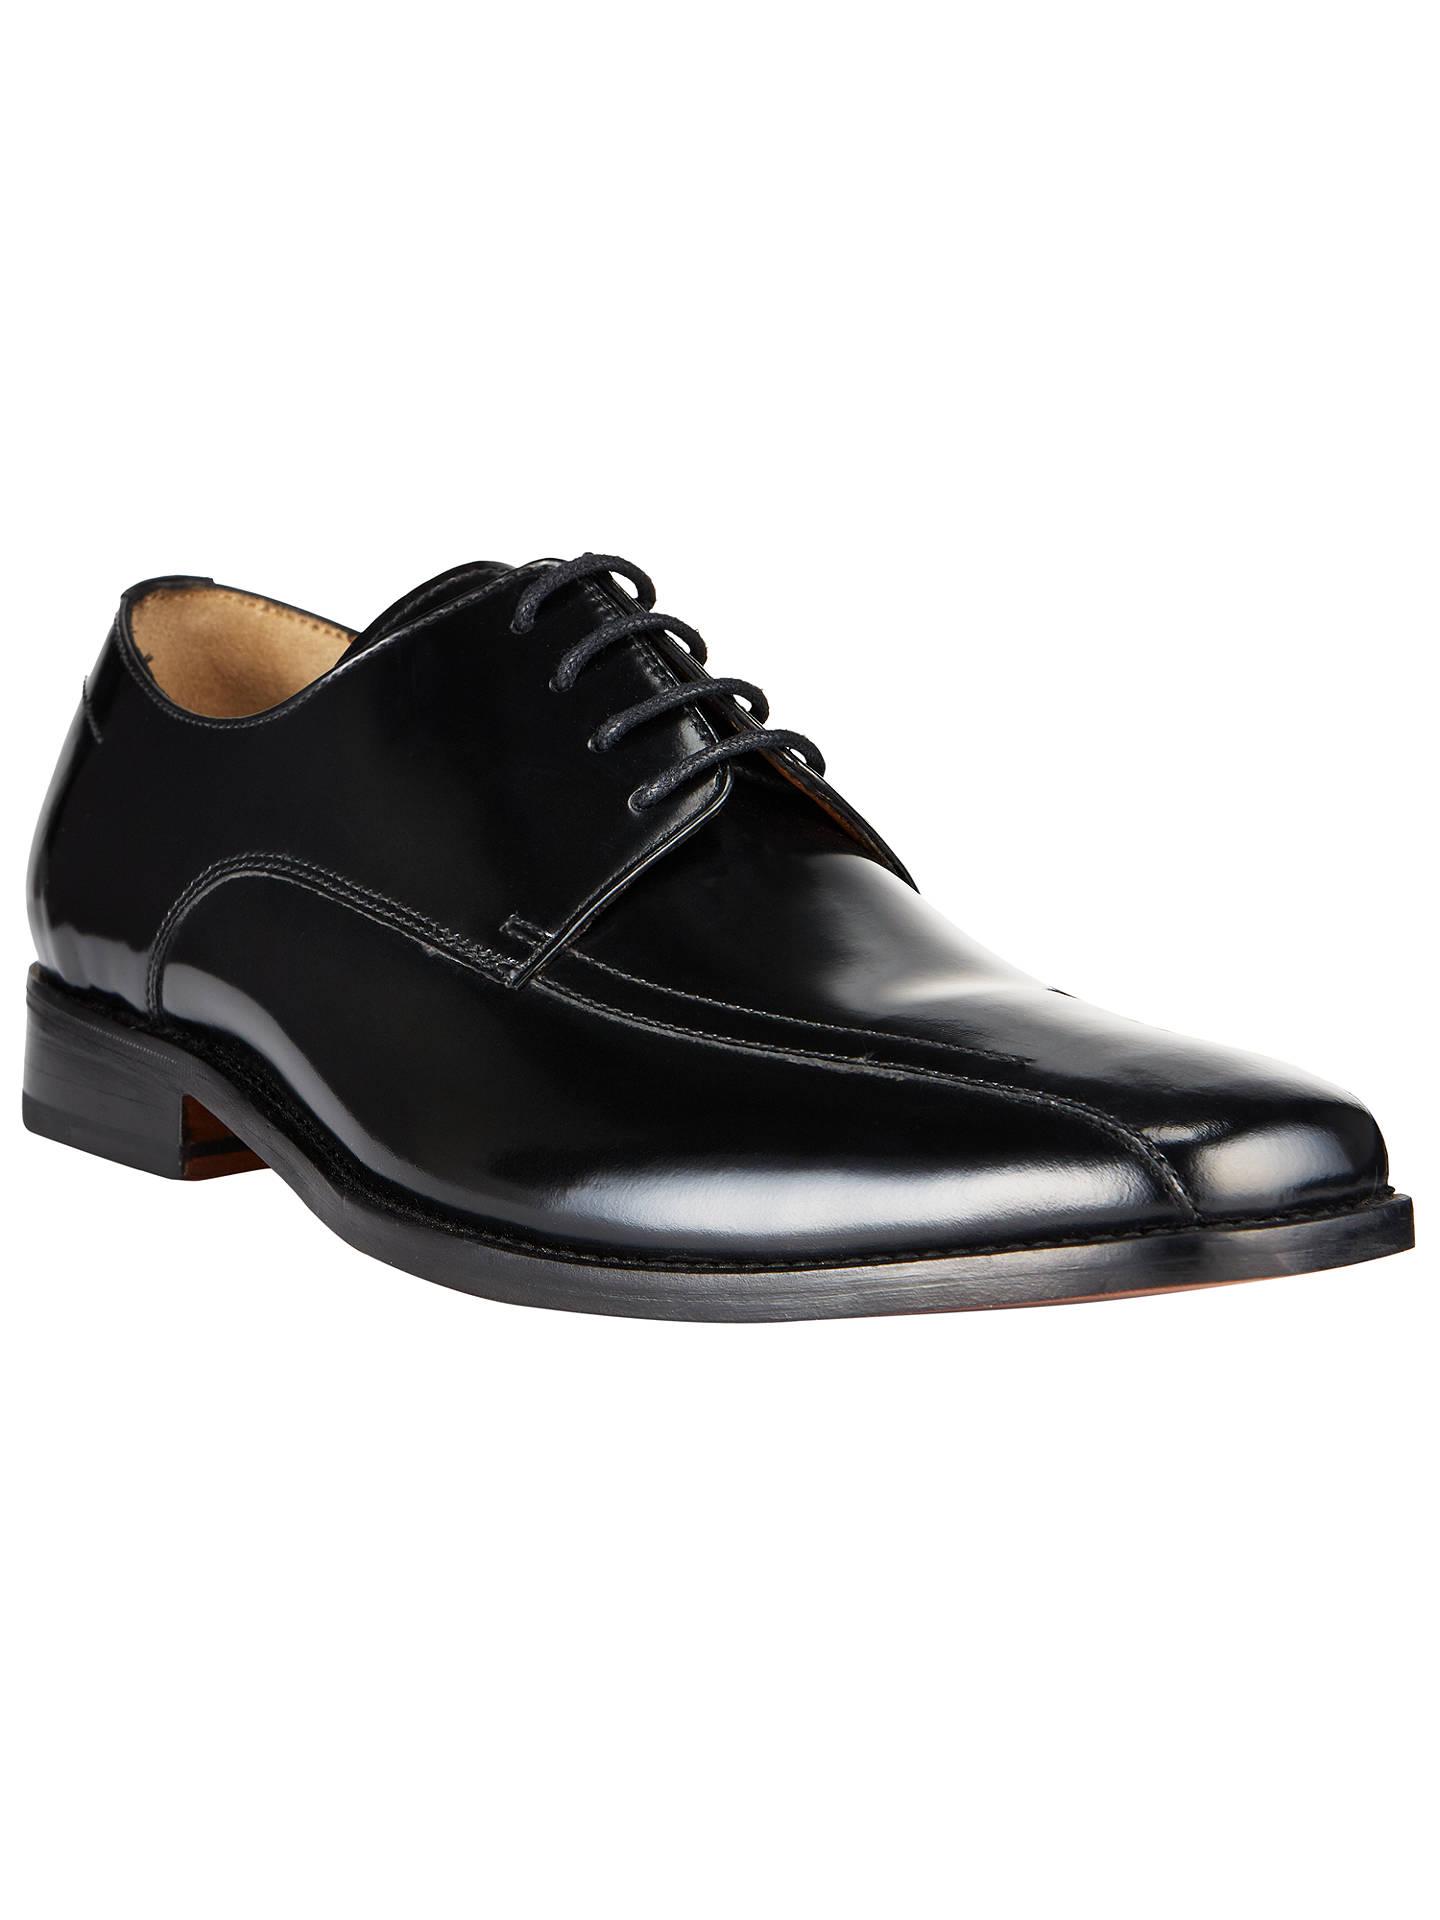 f23b67f64af8 Buy John Lewis Albert Tramline Leather Derby Shoes, Black, 7 Online at  johnlewis.